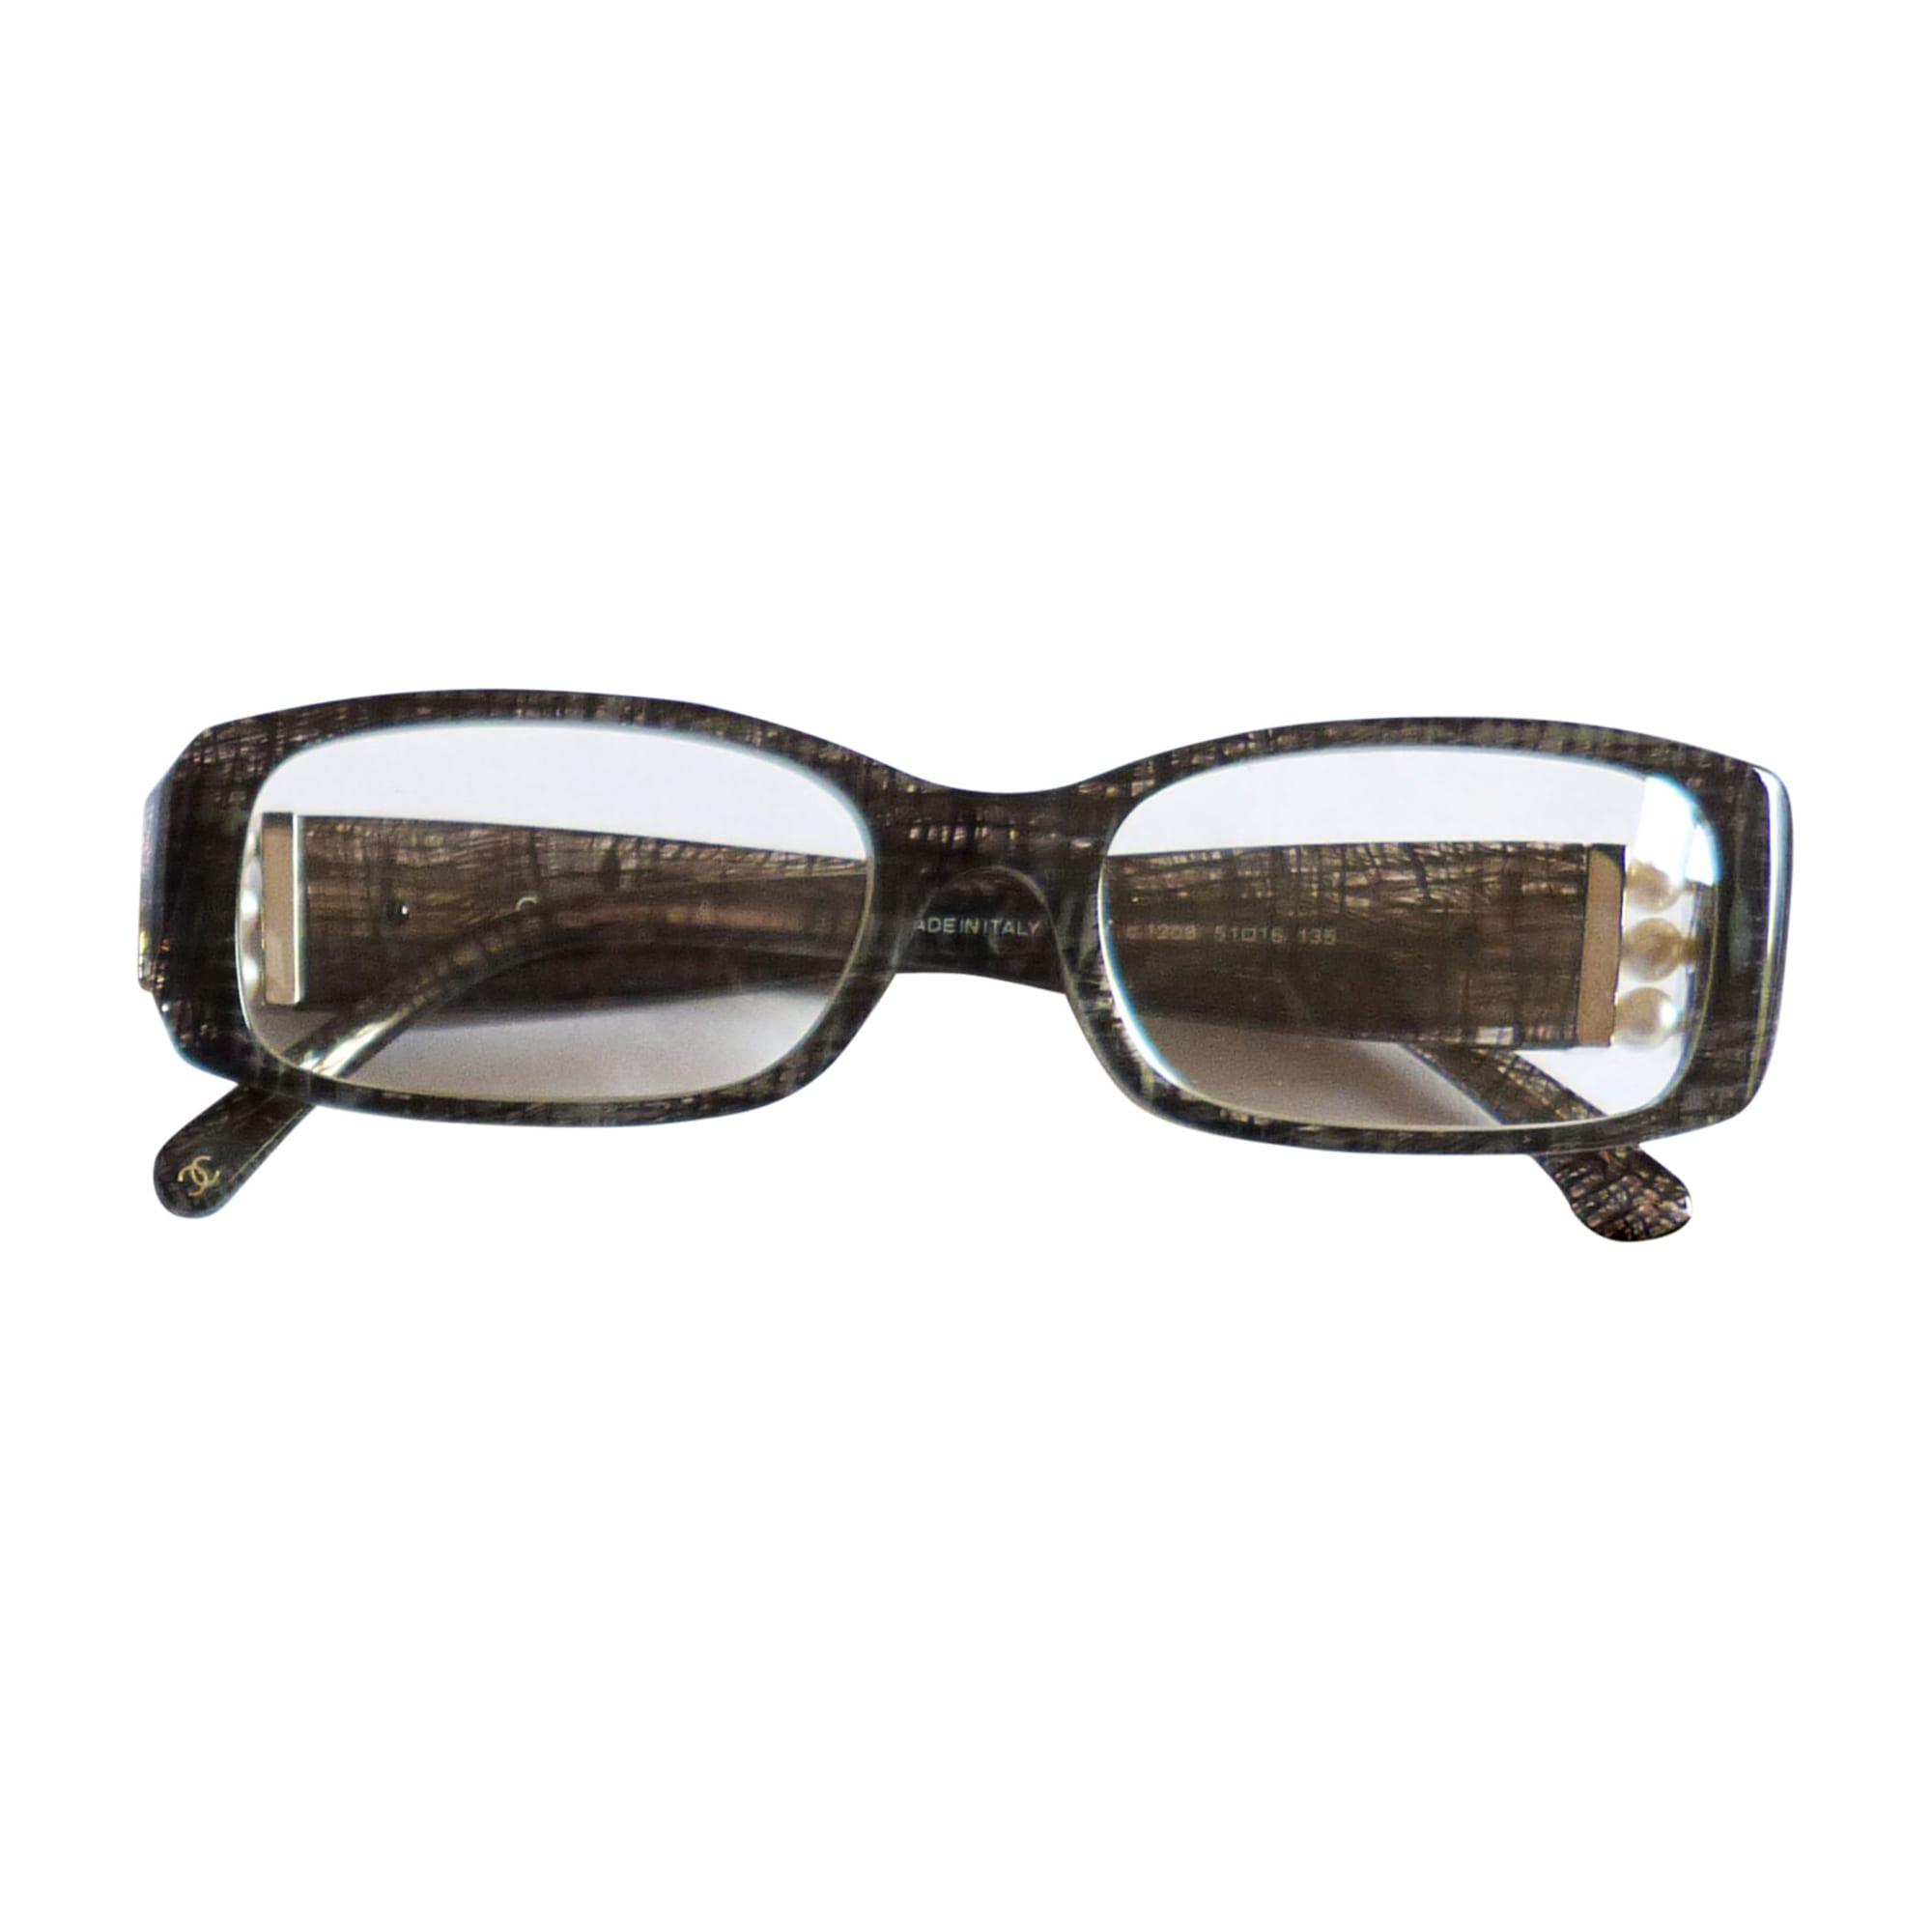 4f1d69a15a Monture de lunettes CHANEL gris vendu par Ro_xy539580 - 6481683